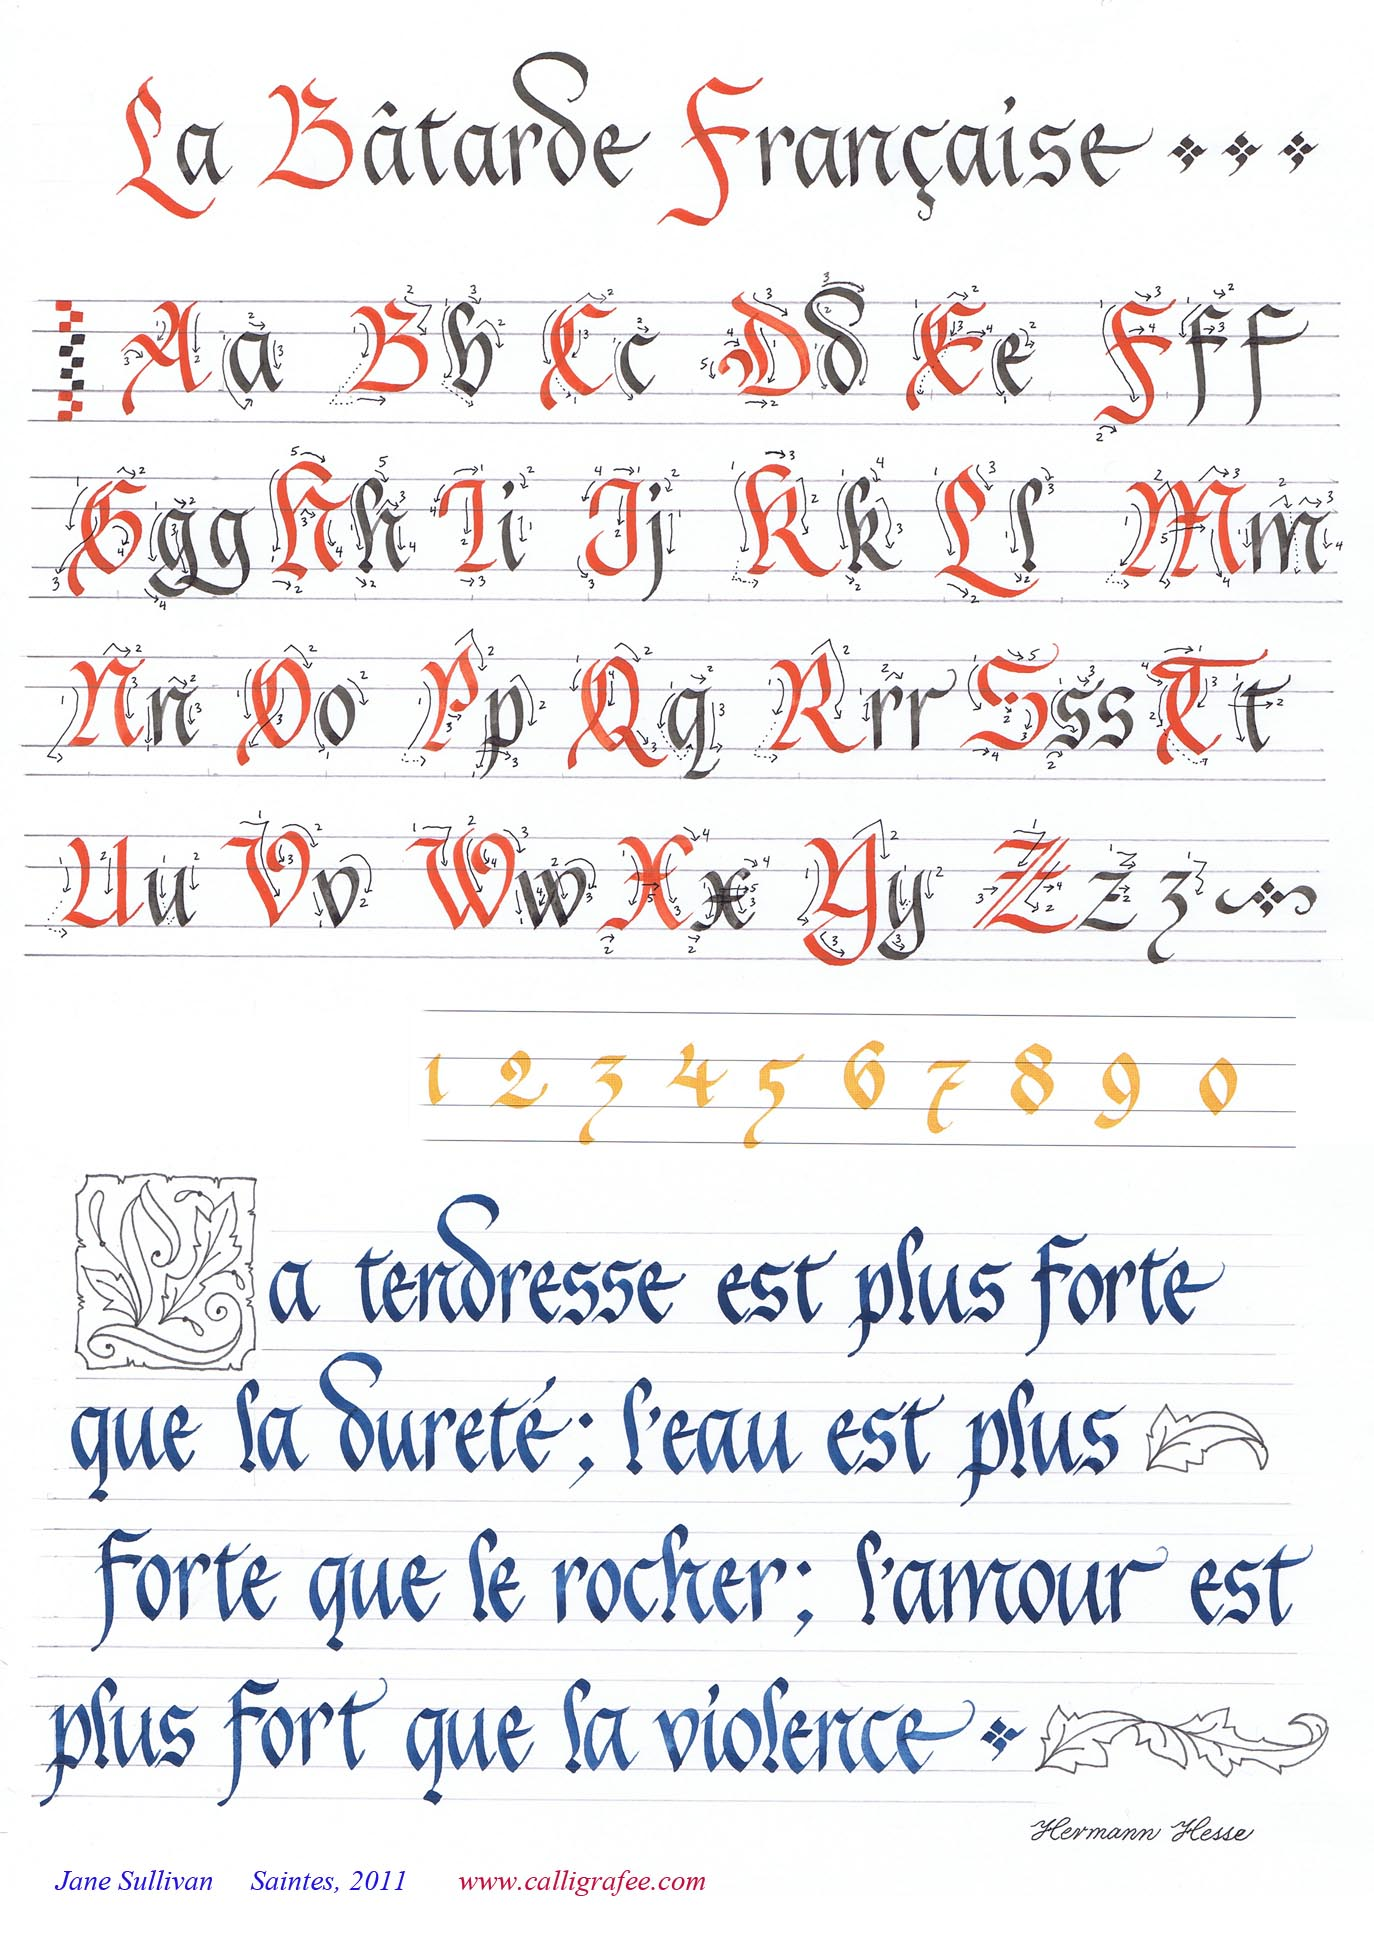 Extrêmement Calligraphie et Enluminure - CalligraFée - Jane Sullivan PH41